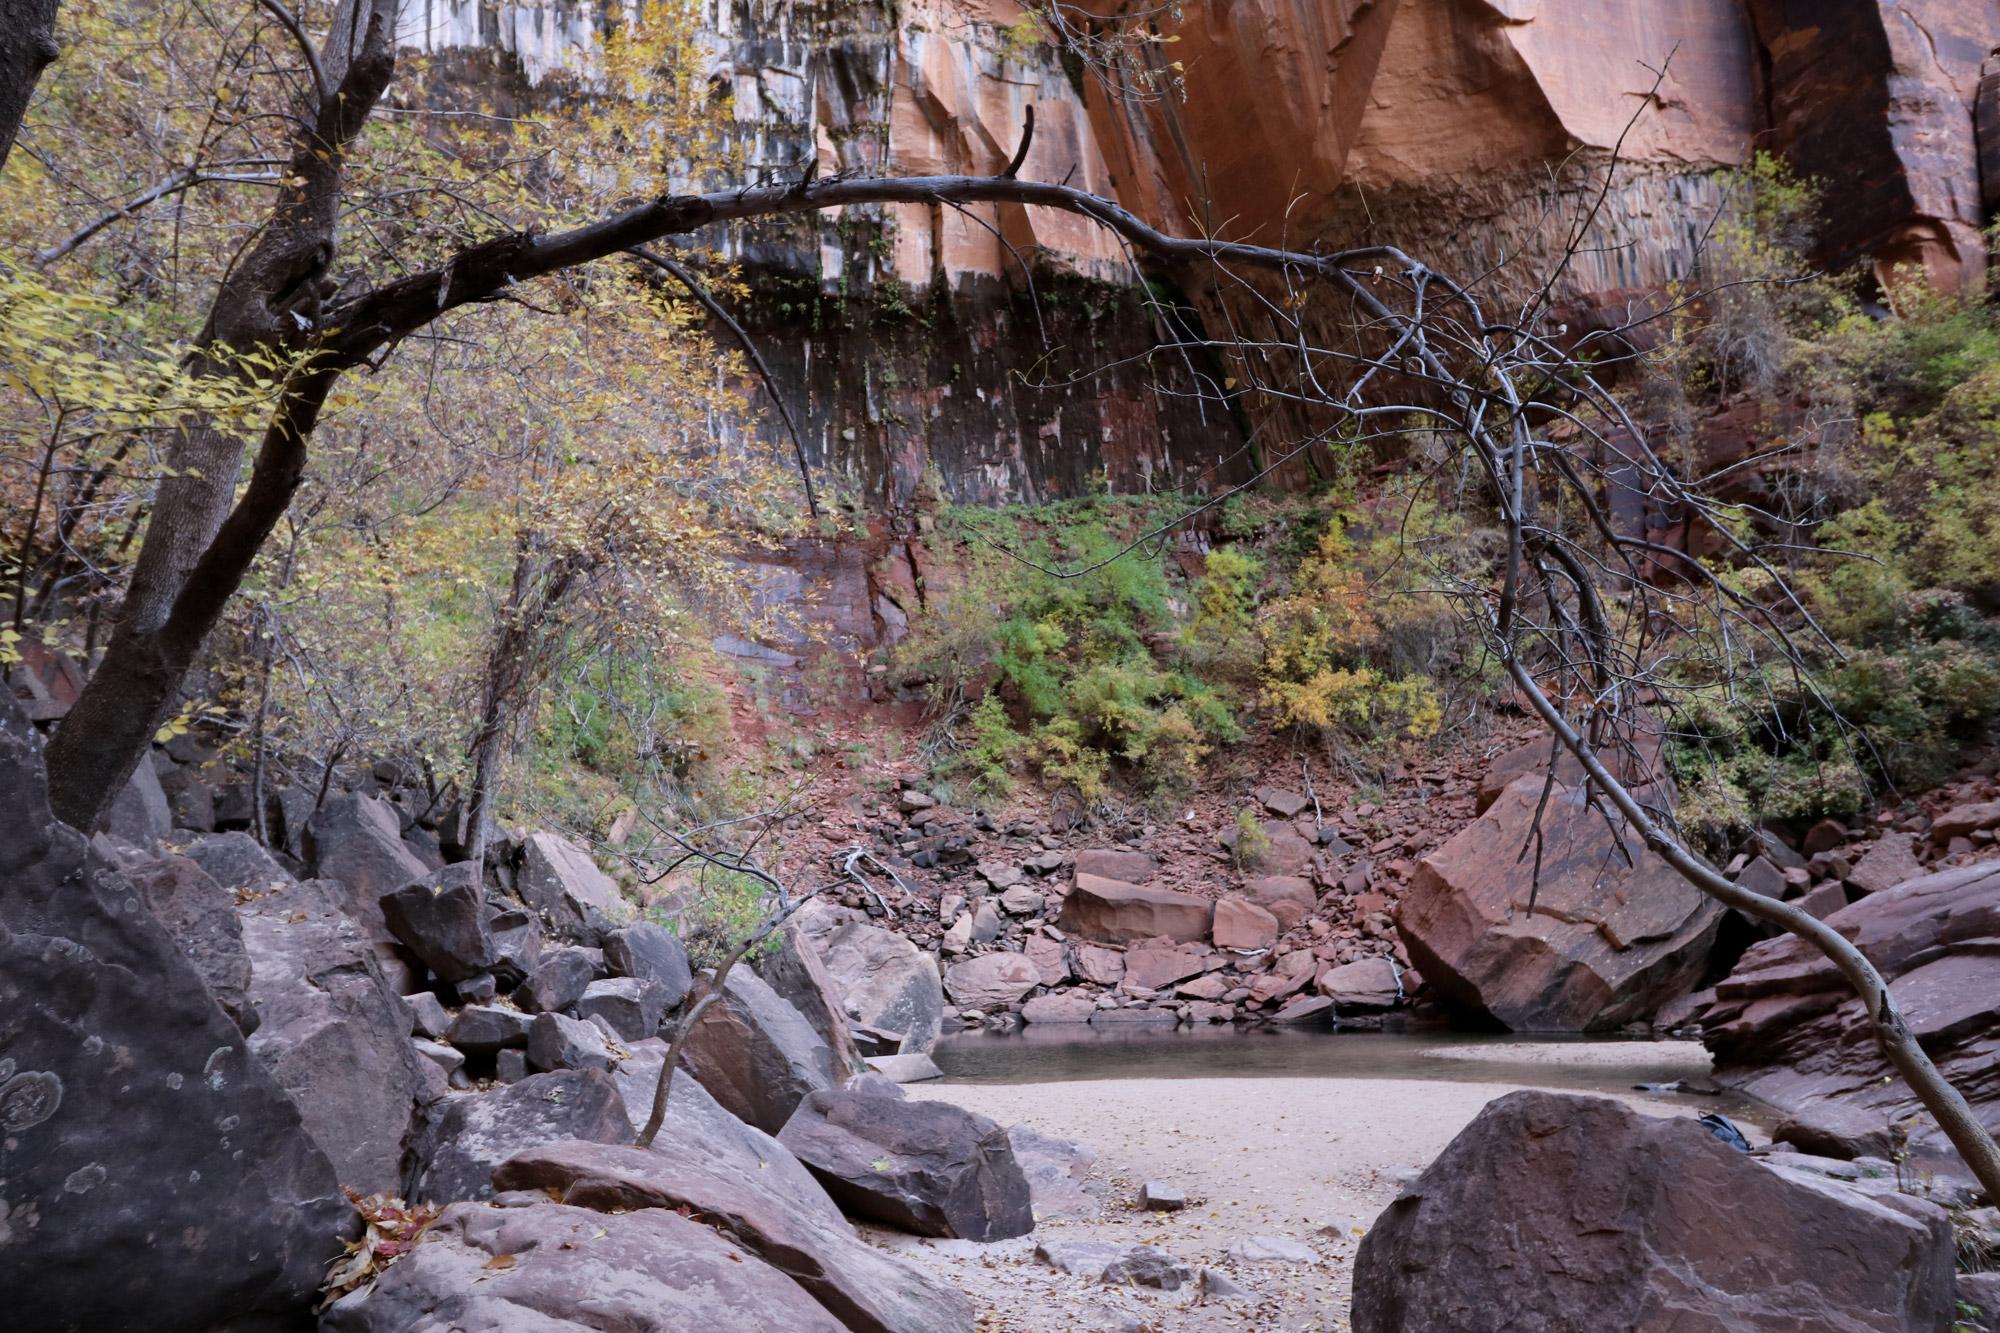 Amerika dag 16 - Zion National Park - Upper Emerald Pools